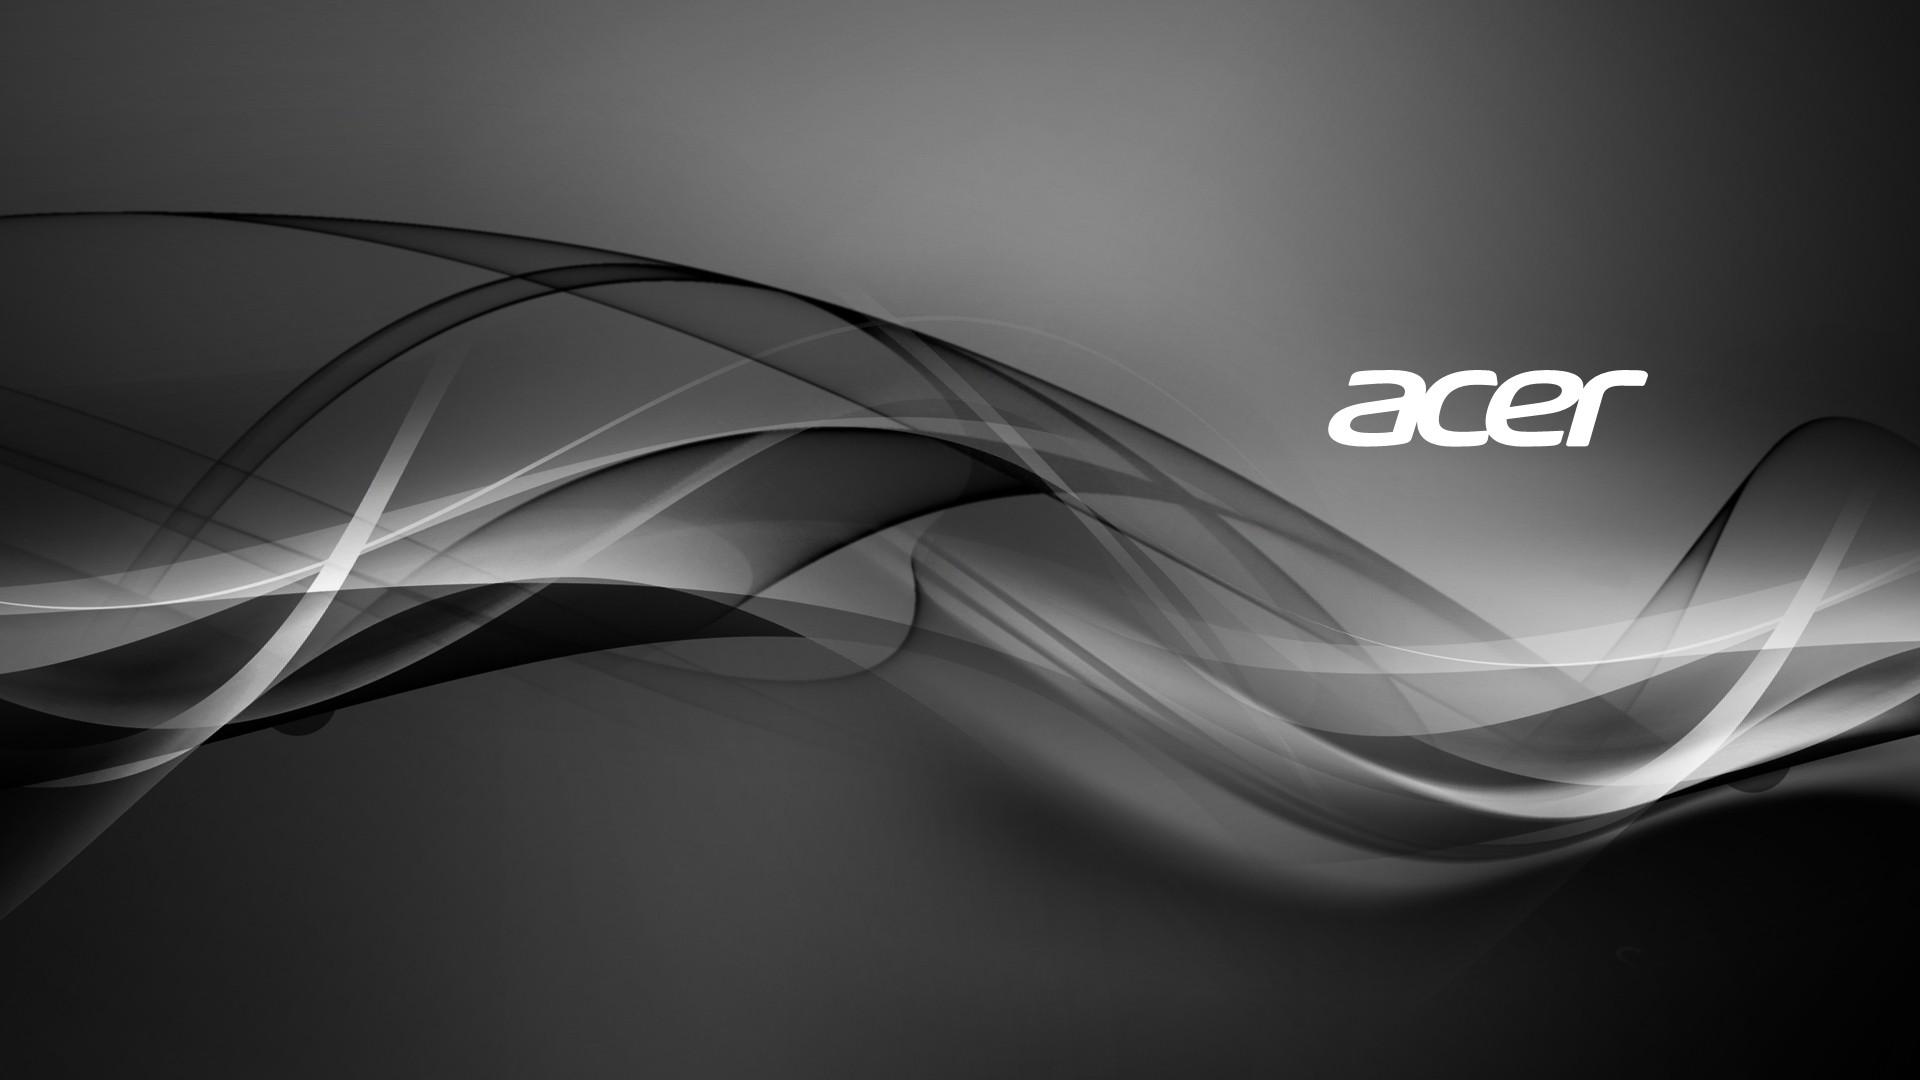 Acer Wallpaper 1080p HD 1920x1080 WallpaperSafari